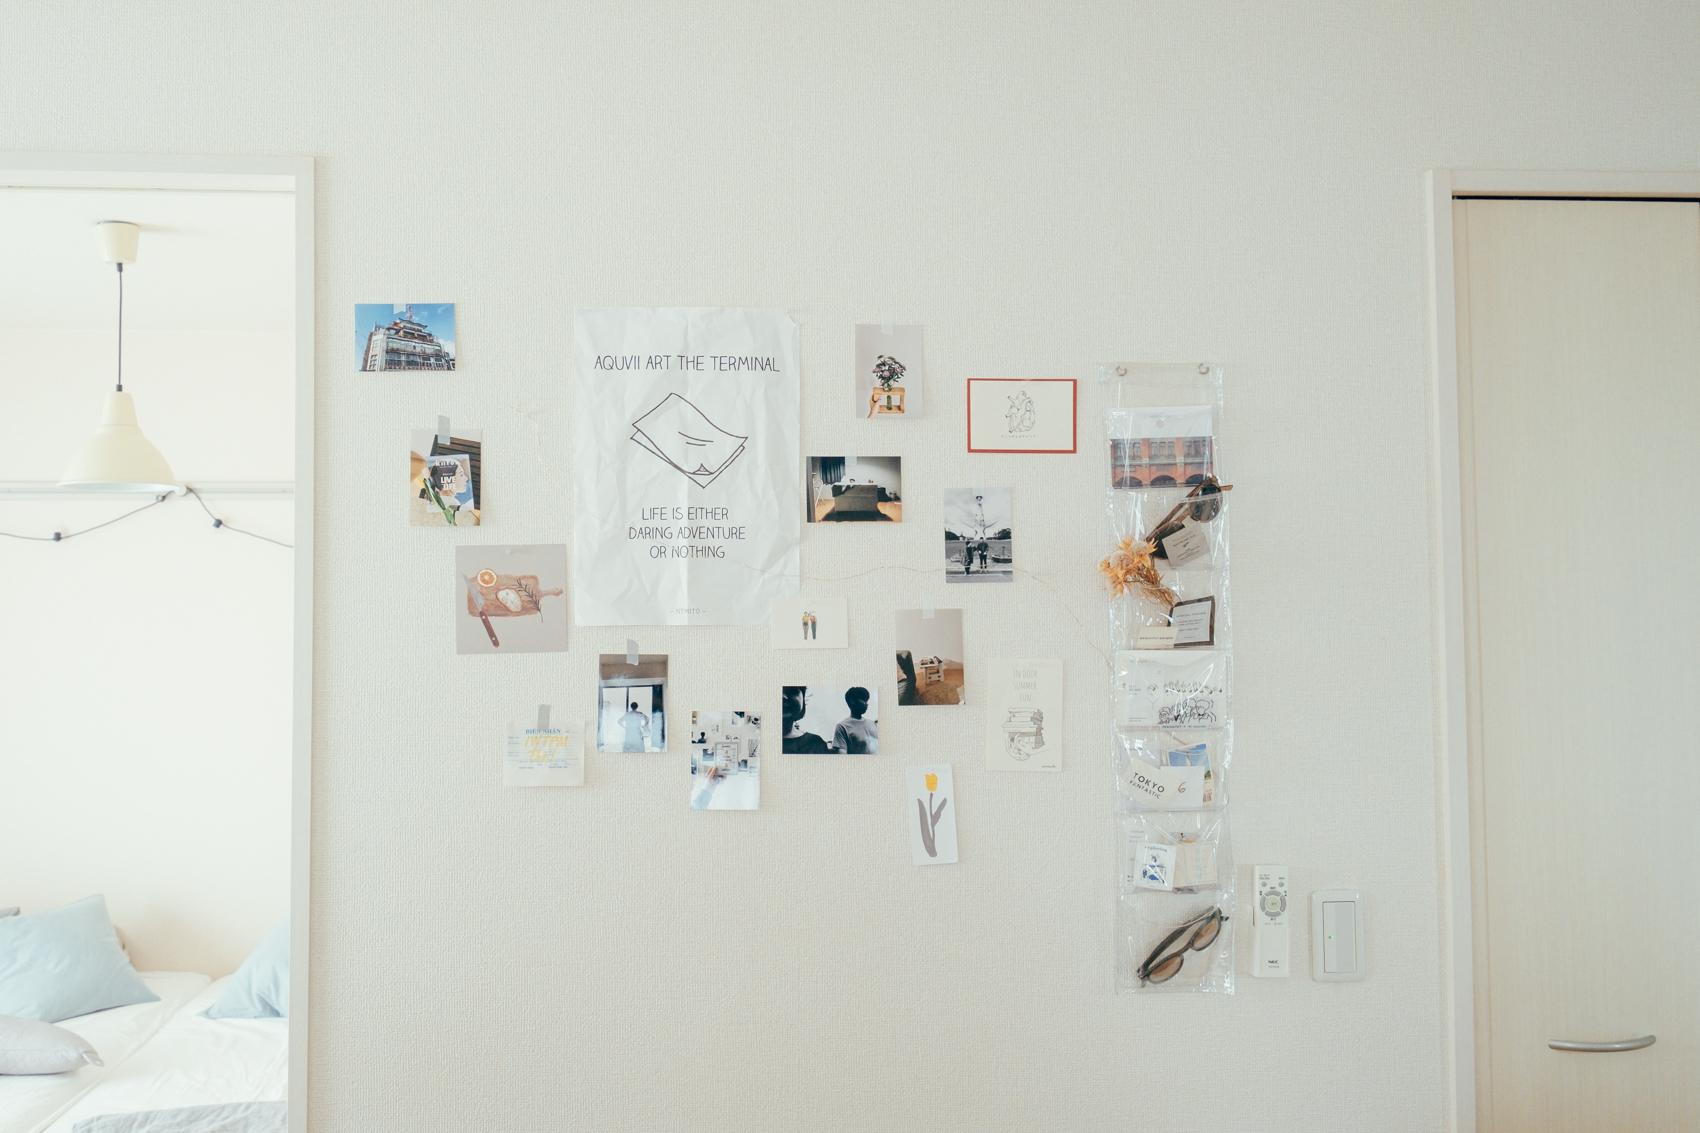 そんなダイニングテーブルから見えるのが、ウォールデコ。日常の写真や旅行の写真、お気に入りのポストカードなどを飾られています。